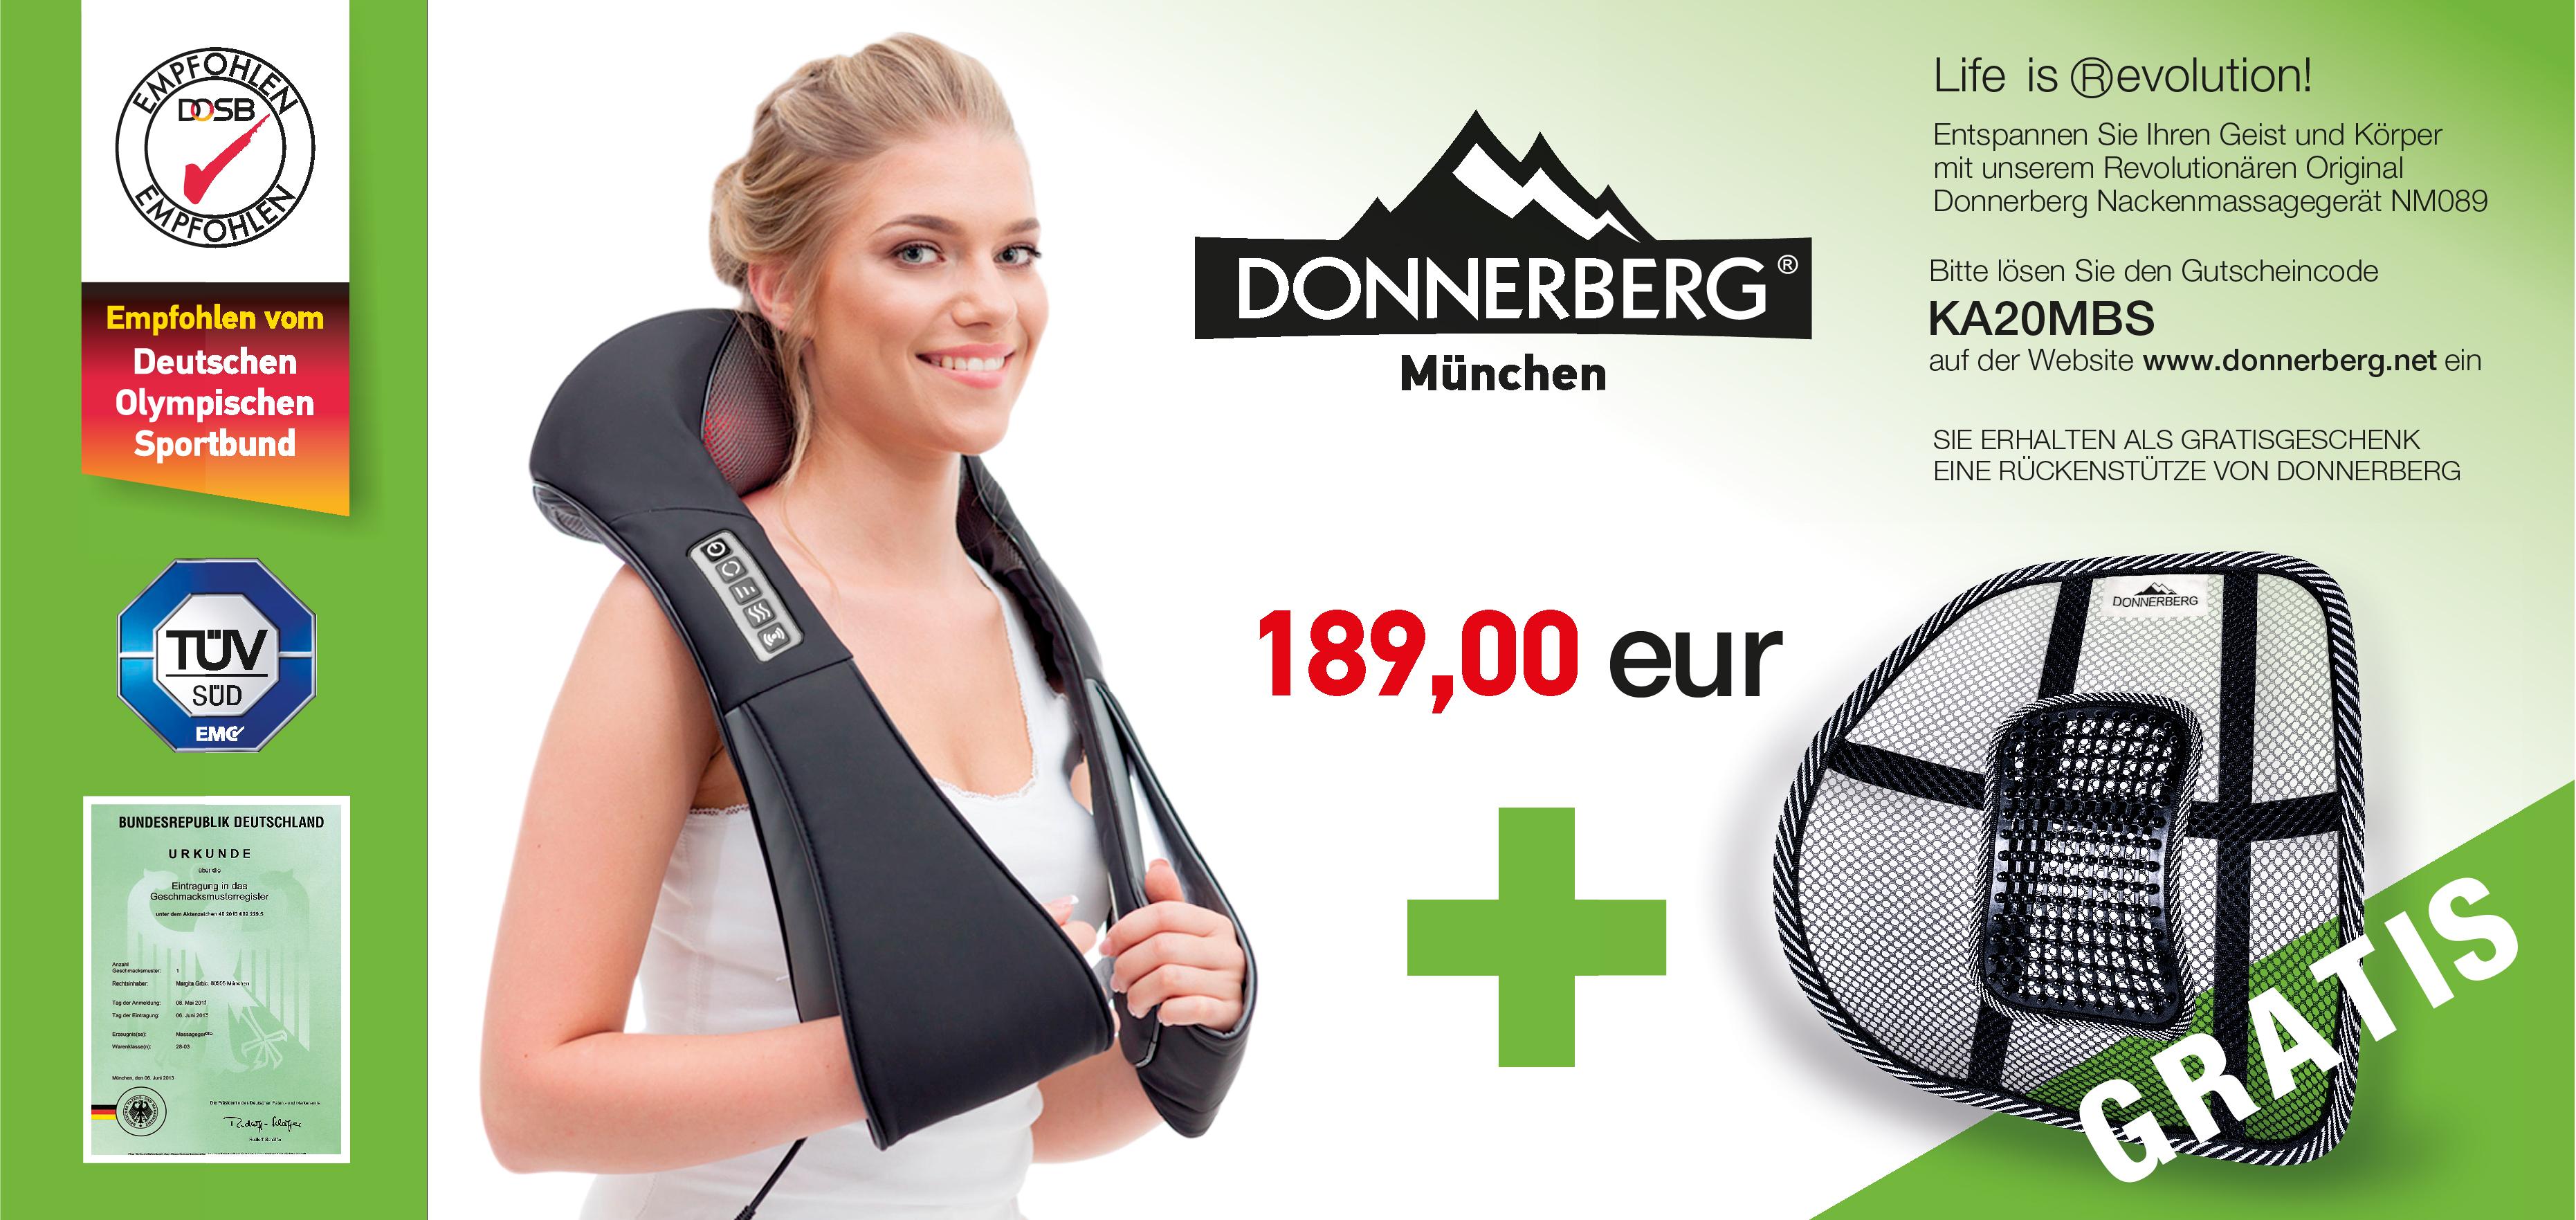 gratis Rückenstütze von Donnerberg Massagegerät